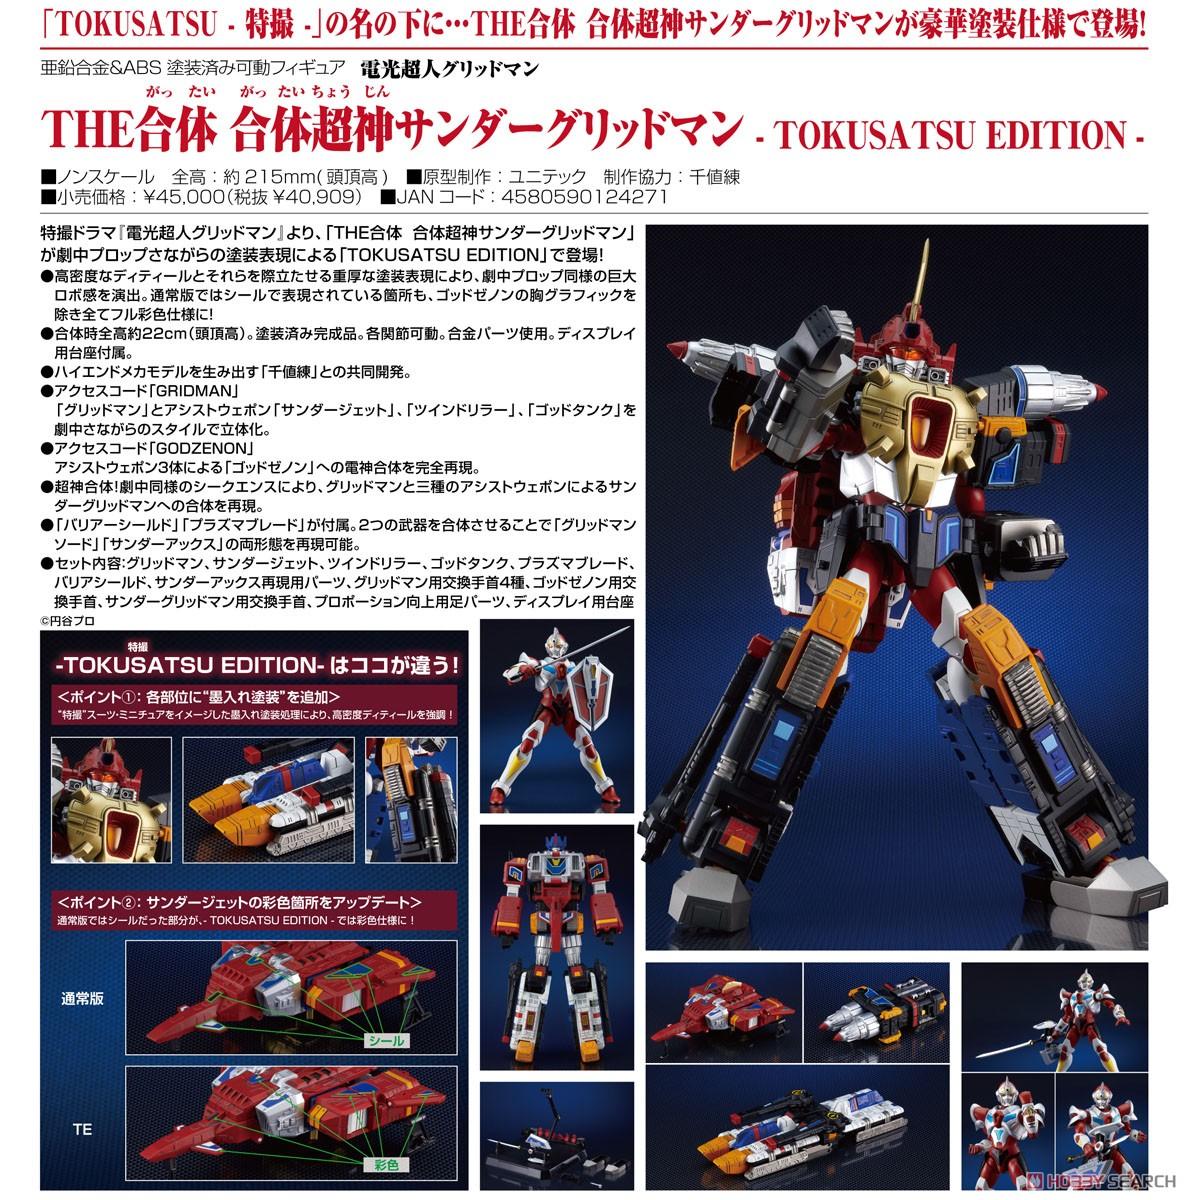 電光超人グリッドマン THE合体 合体超神サンダーグリッドマン TOKUSATSU EDITIONFIGURE-124270_12